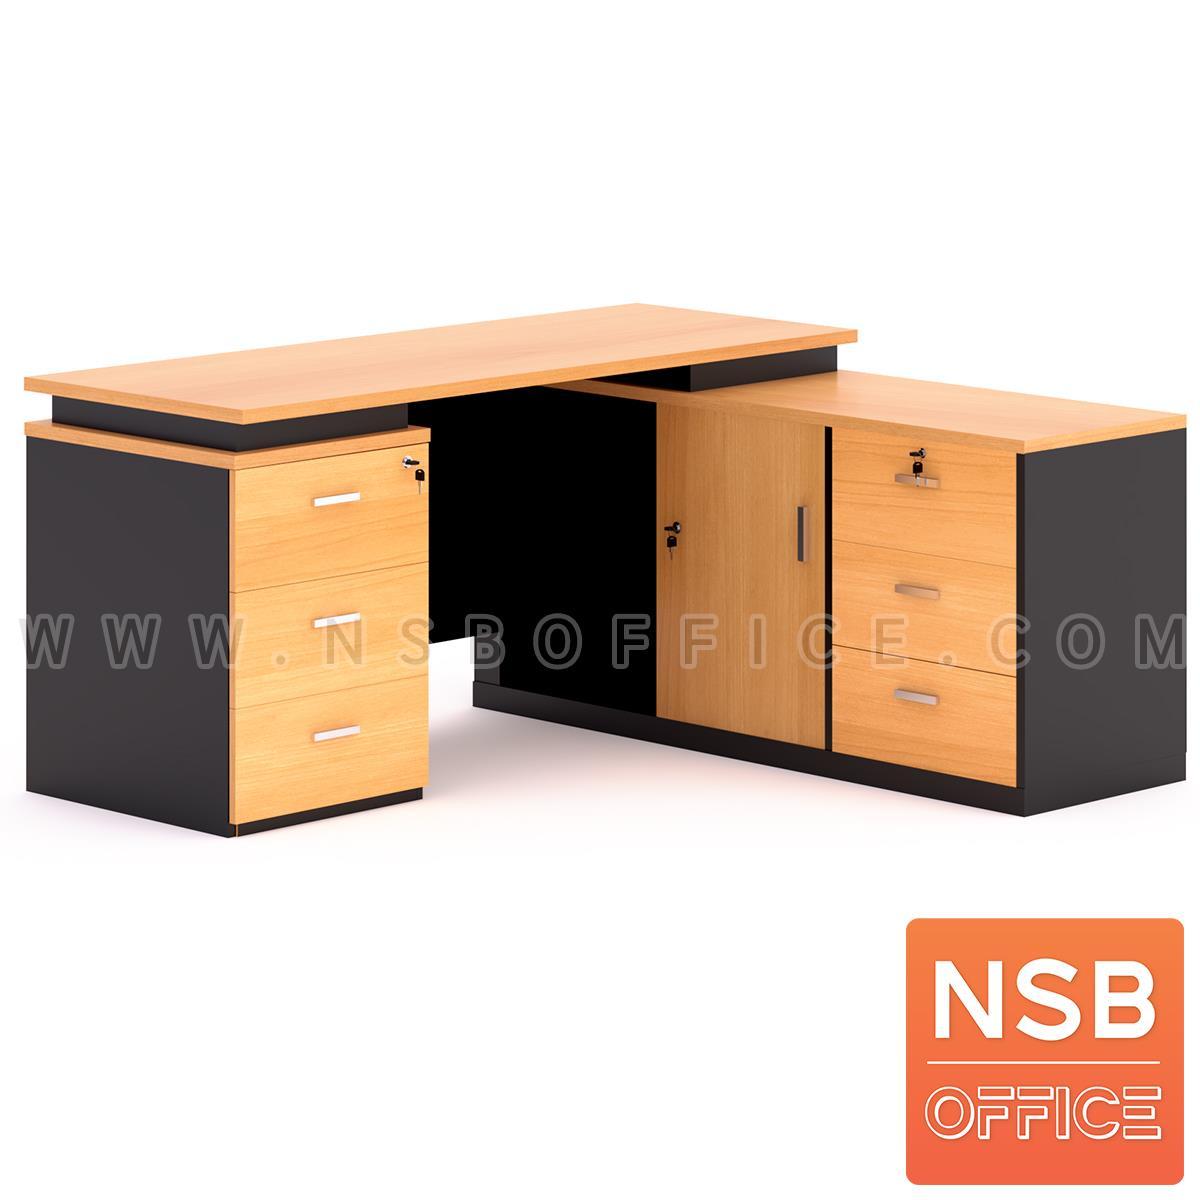 A13A036:โต๊ะทำงานตัวแอล รุ่น Bridget (บริดเจ็ท) ขนาด 160W*140D*75H cm. เมลามีน (พร้อมตู้ข้าง แอลขวา)